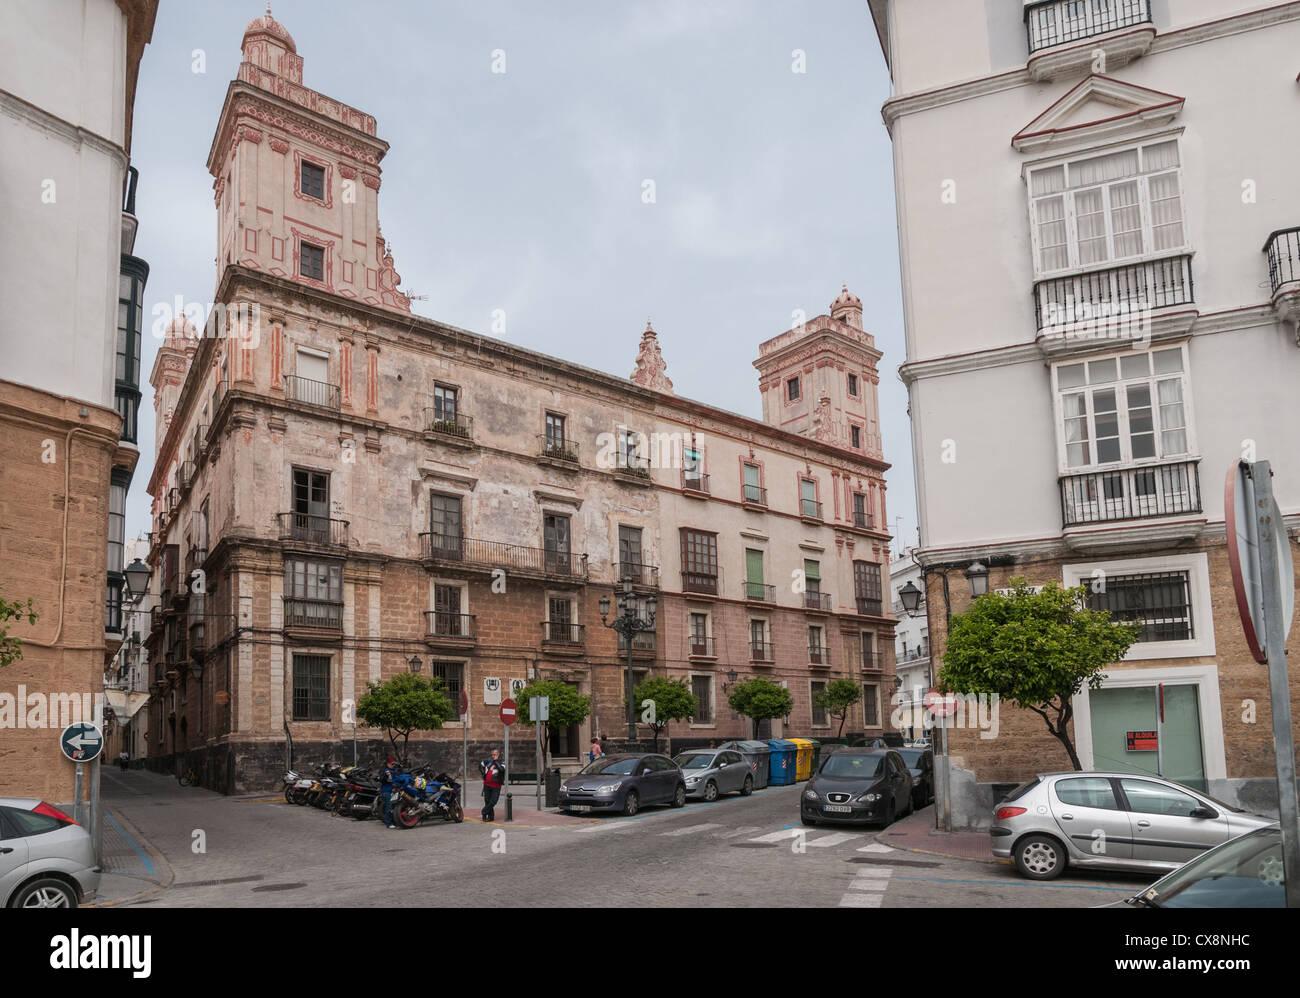 Casa de las cuatro torres, Cadiz (Andalusia, Spain) - Stock Image